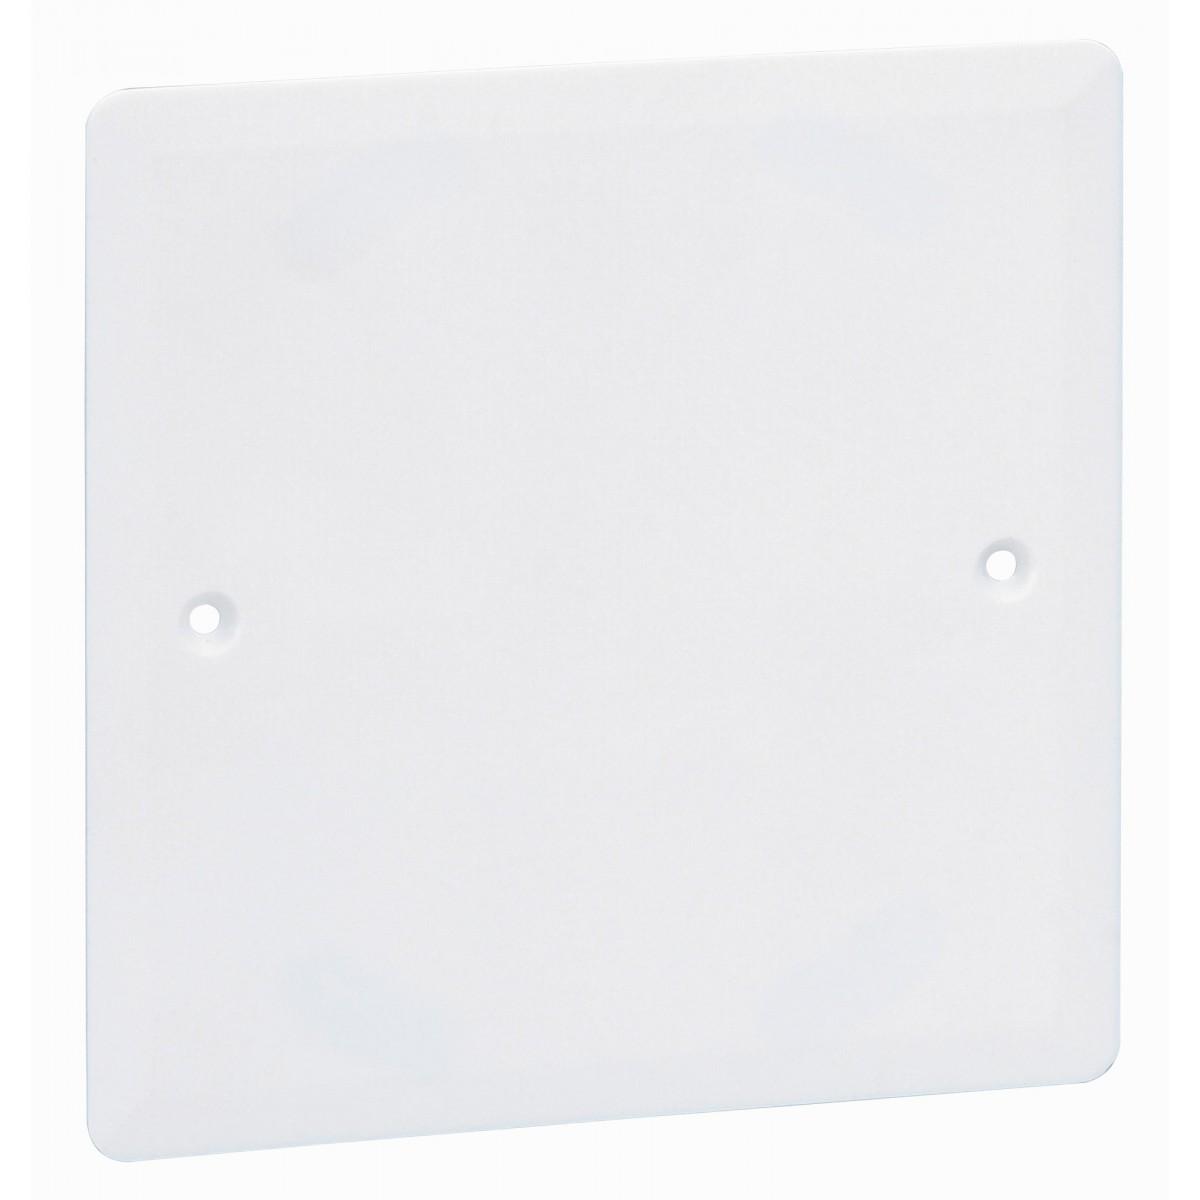 Couvercle pour boîte Batibox Legrand - Boîte cloison sèche - Dimensions 100 x 100 mm